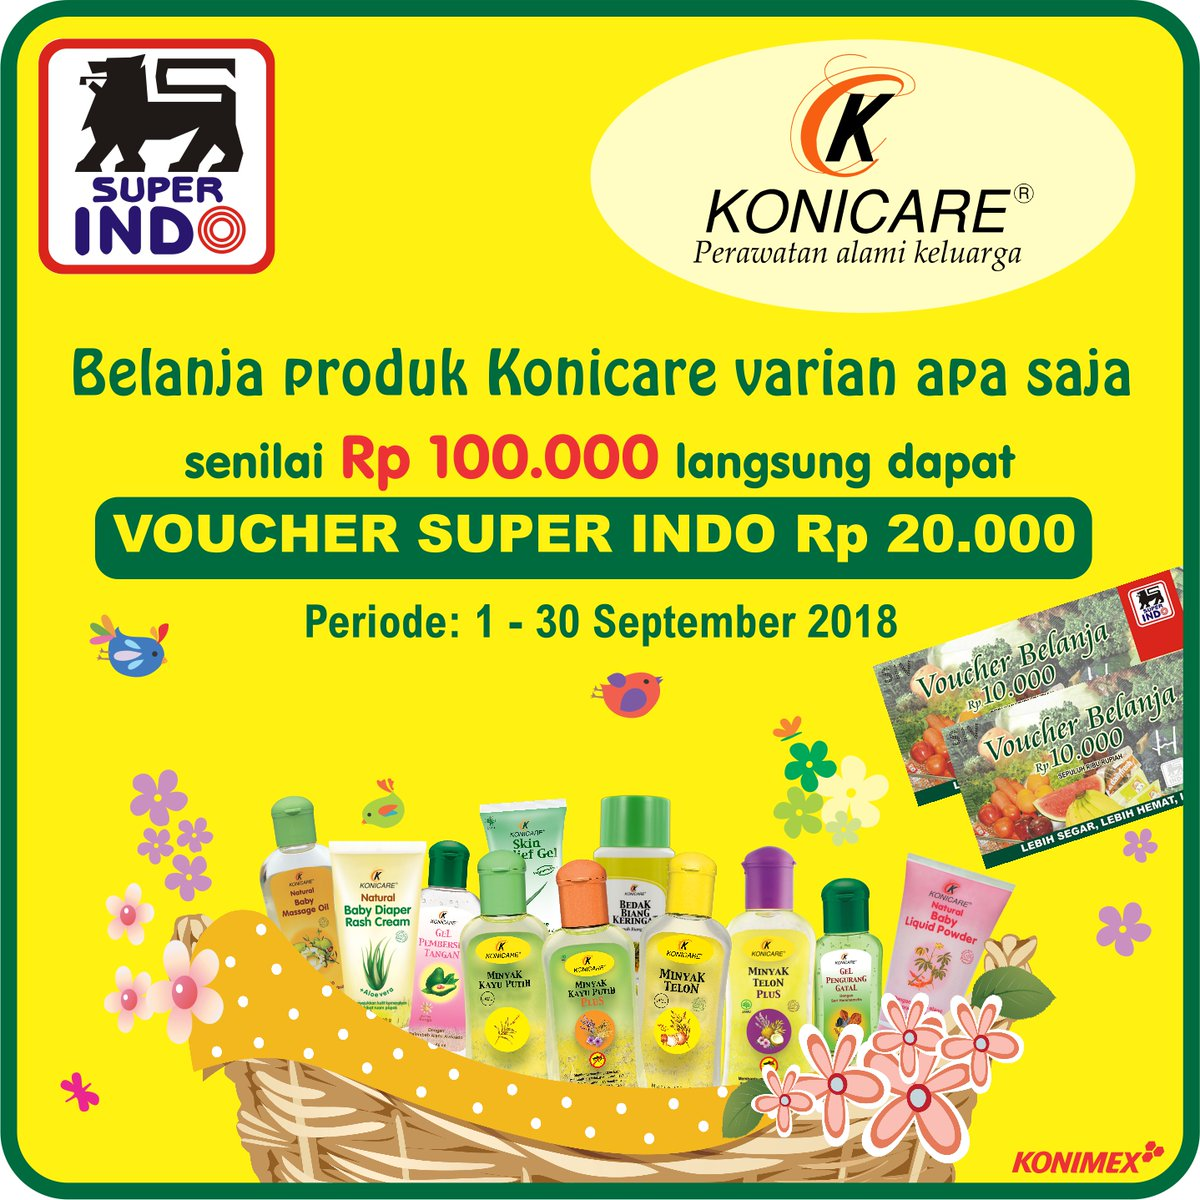 Voucher Superindo Rp 1 000 Daftar Harga Terbaru Dan Terlengkap Giant 500 Source Promo Beli Produk Konicare 100 Ribu